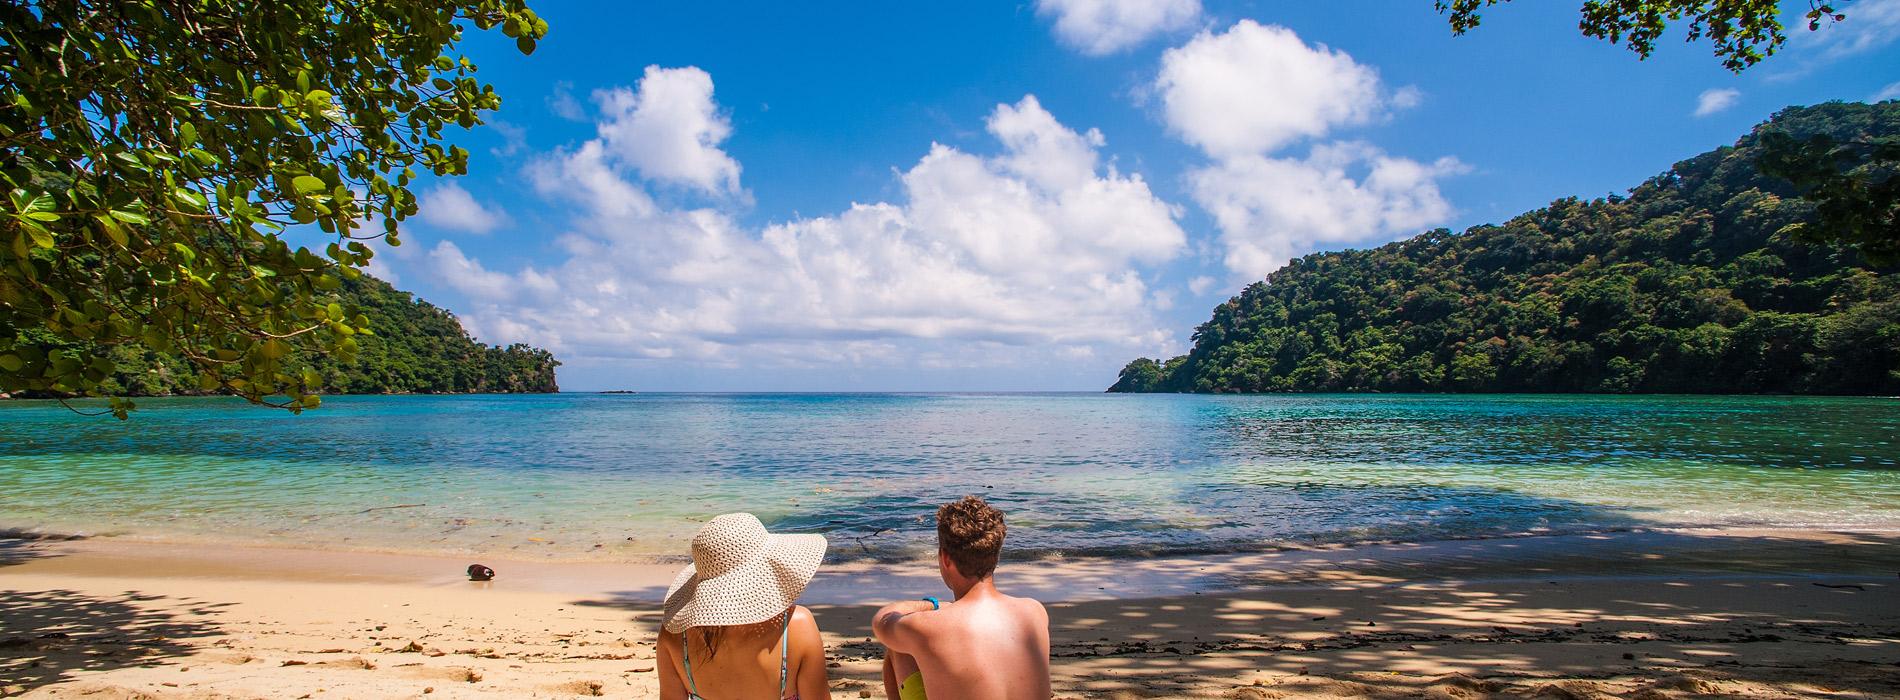 matangi resort fiji travel review